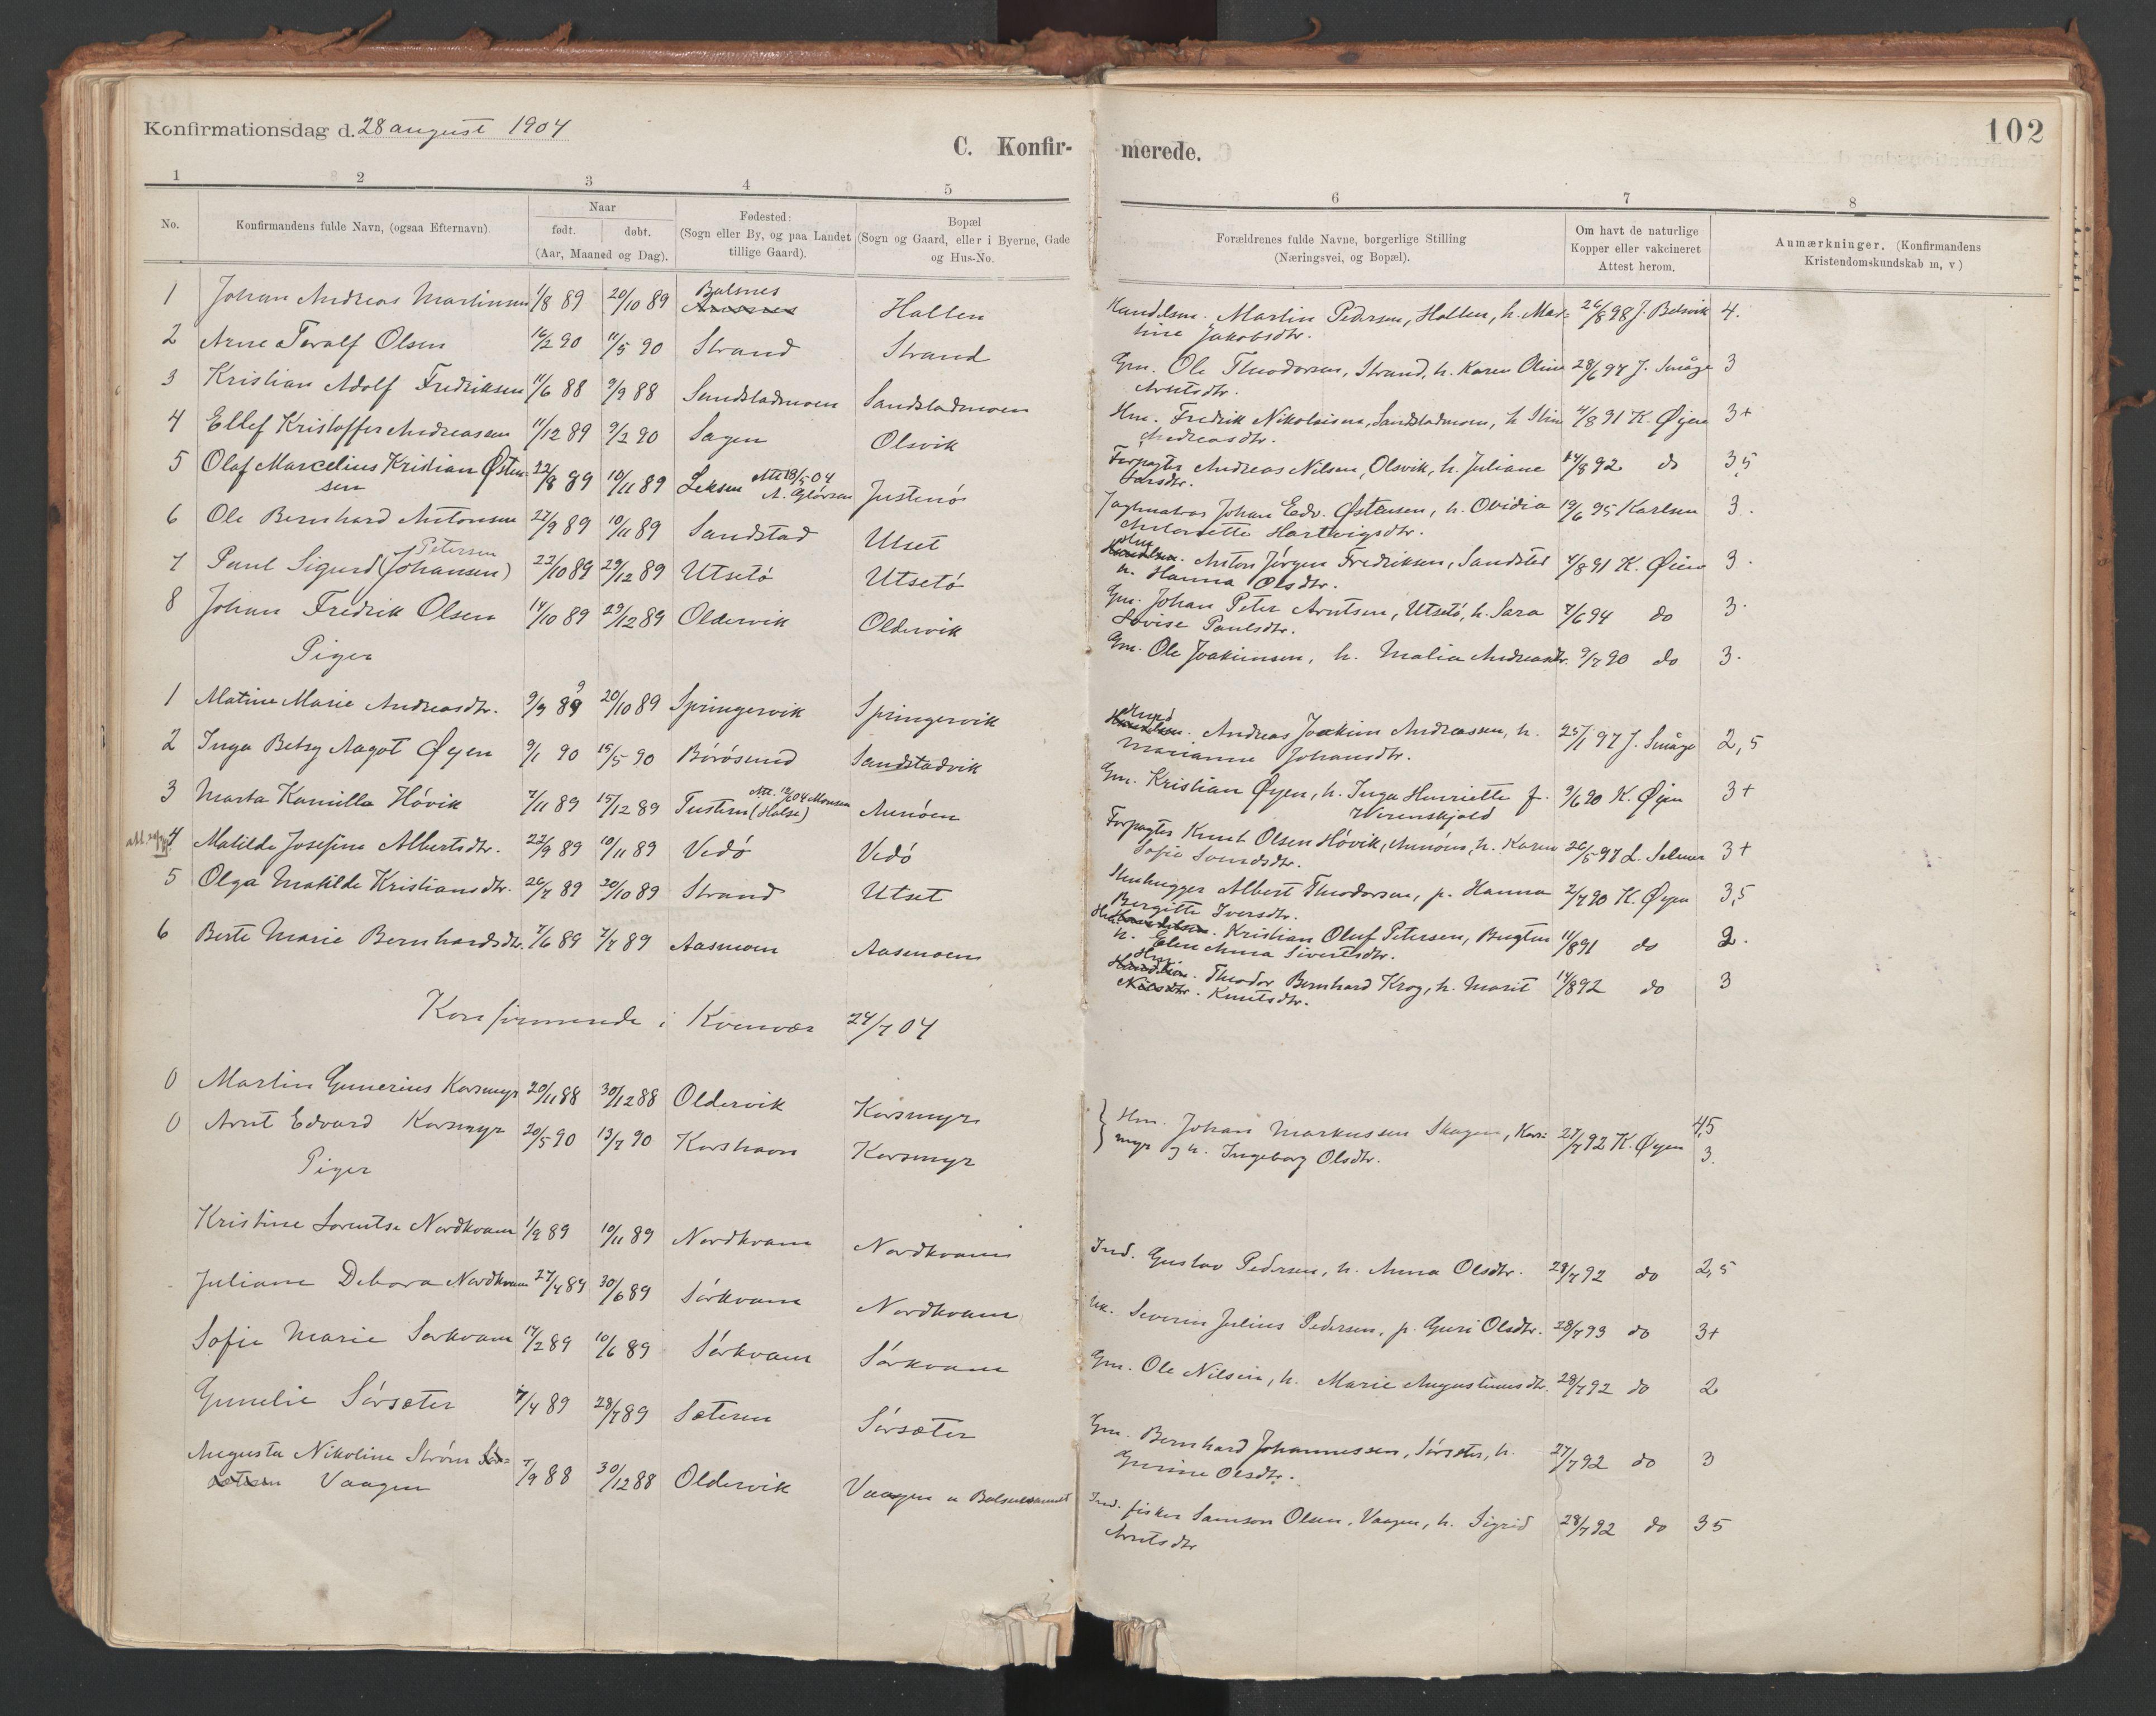 SAT, Ministerialprotokoller, klokkerbøker og fødselsregistre - Sør-Trøndelag, 639/L0572: Ministerialbok nr. 639A01, 1890-1920, s. 102